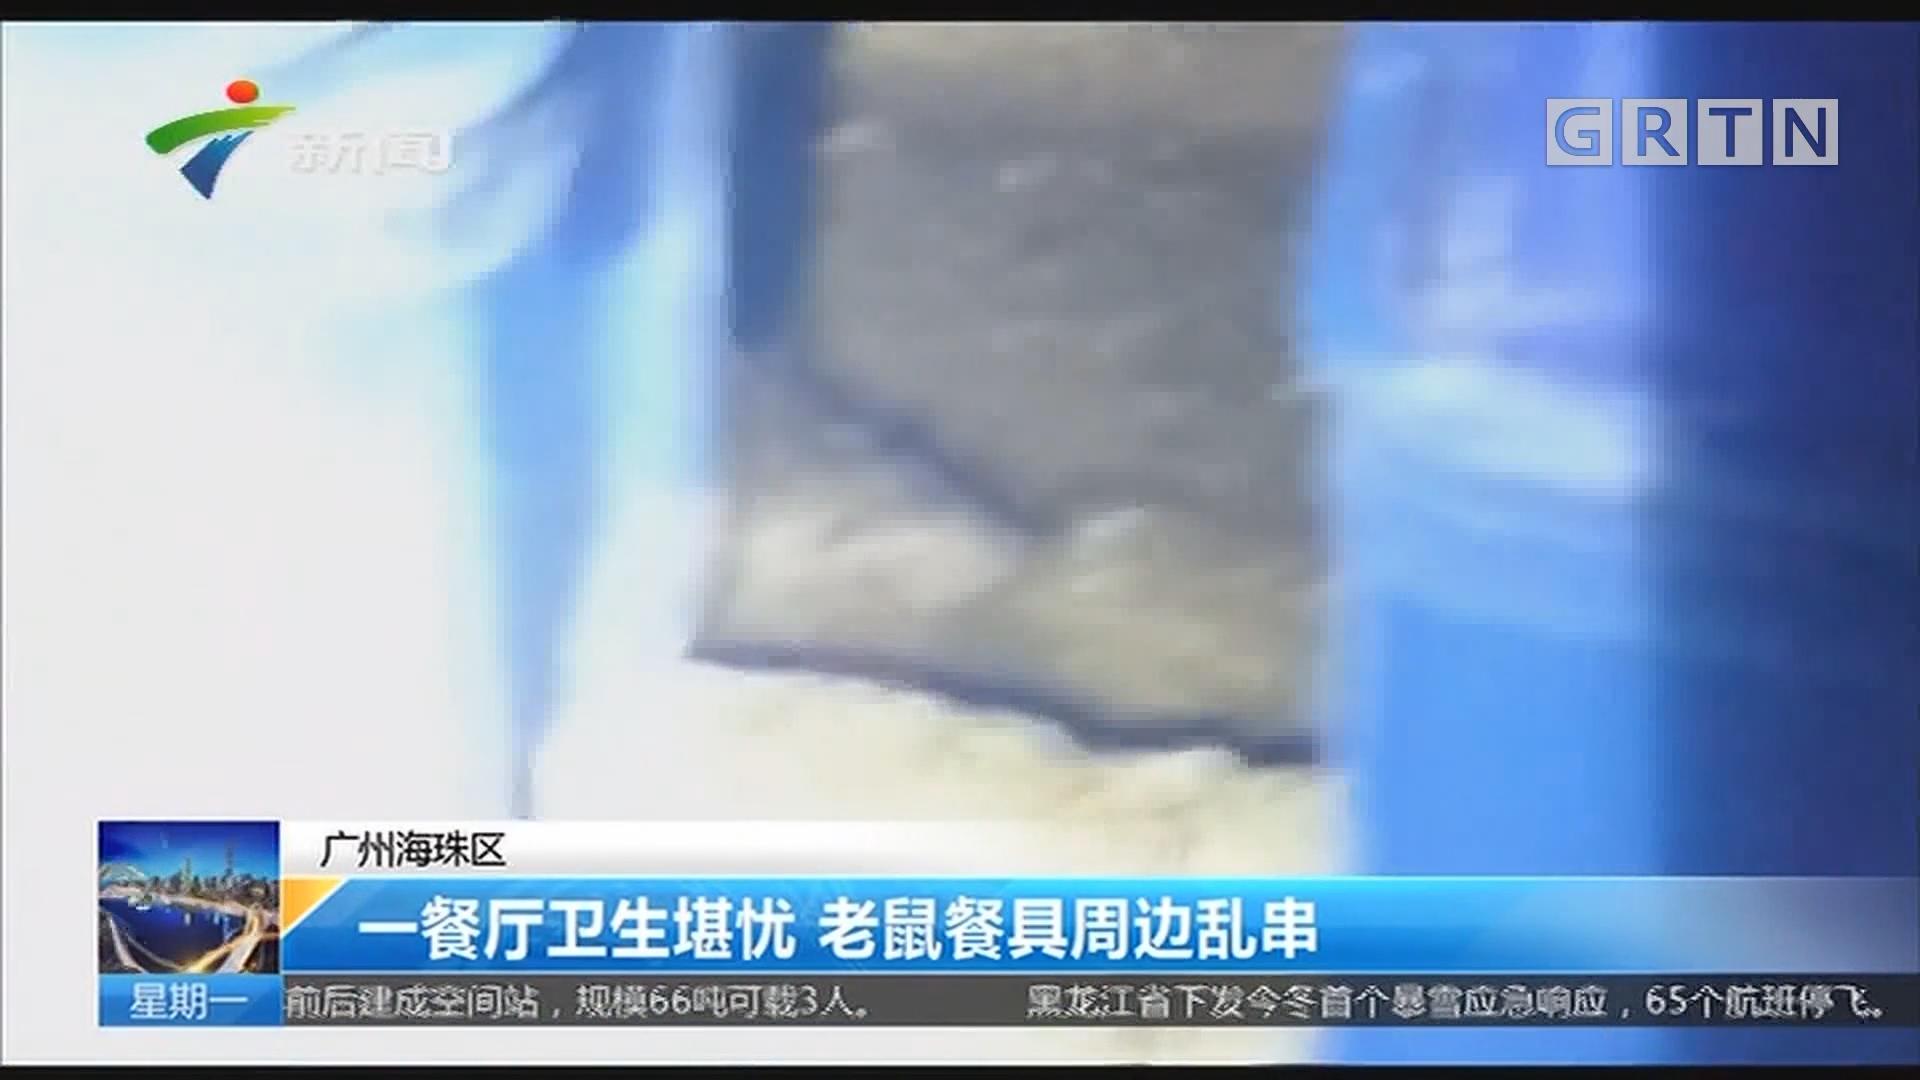 广州海珠区:一餐厅卫生堪忧 老鼠餐具周边乱串